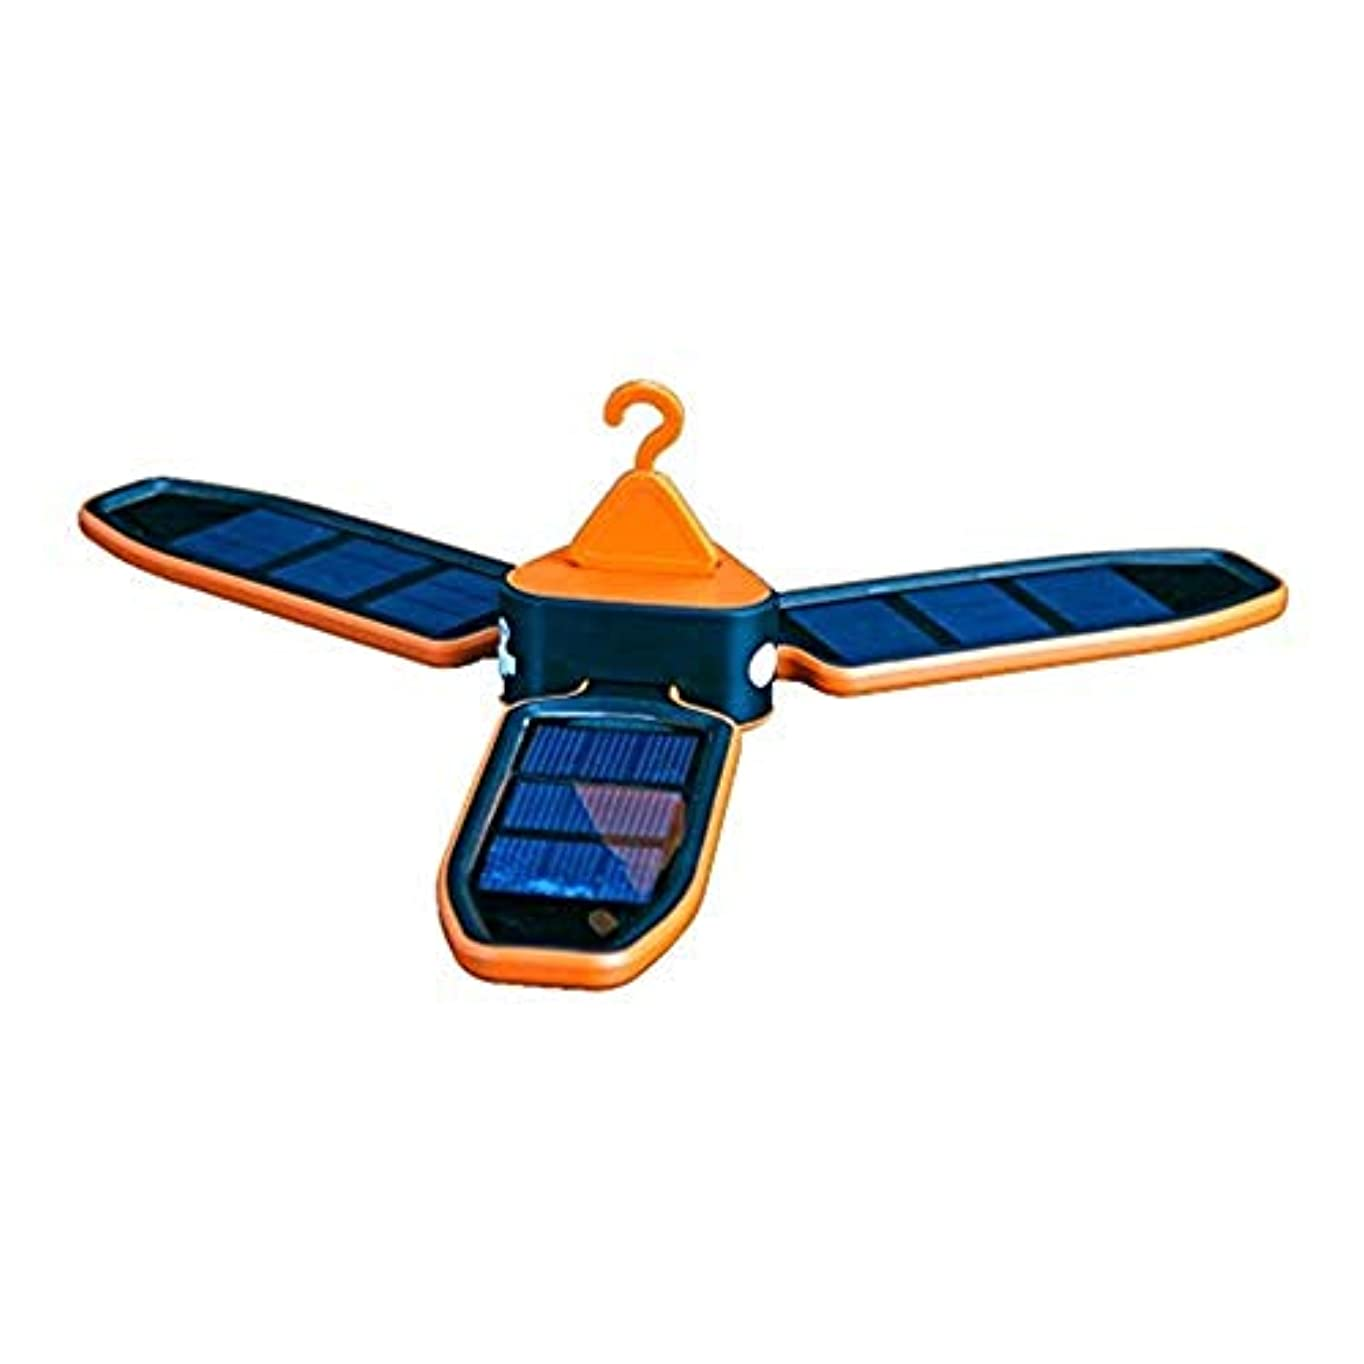 スクラップブック文明化する読者ハンディライト ソーラーライト屋外用モーションセンサーライト、高効率ソーラーパネル付き、防水IP65、広い照射角、設置が簡単、キャンプ用、緊急用、中庭、携帯用照明